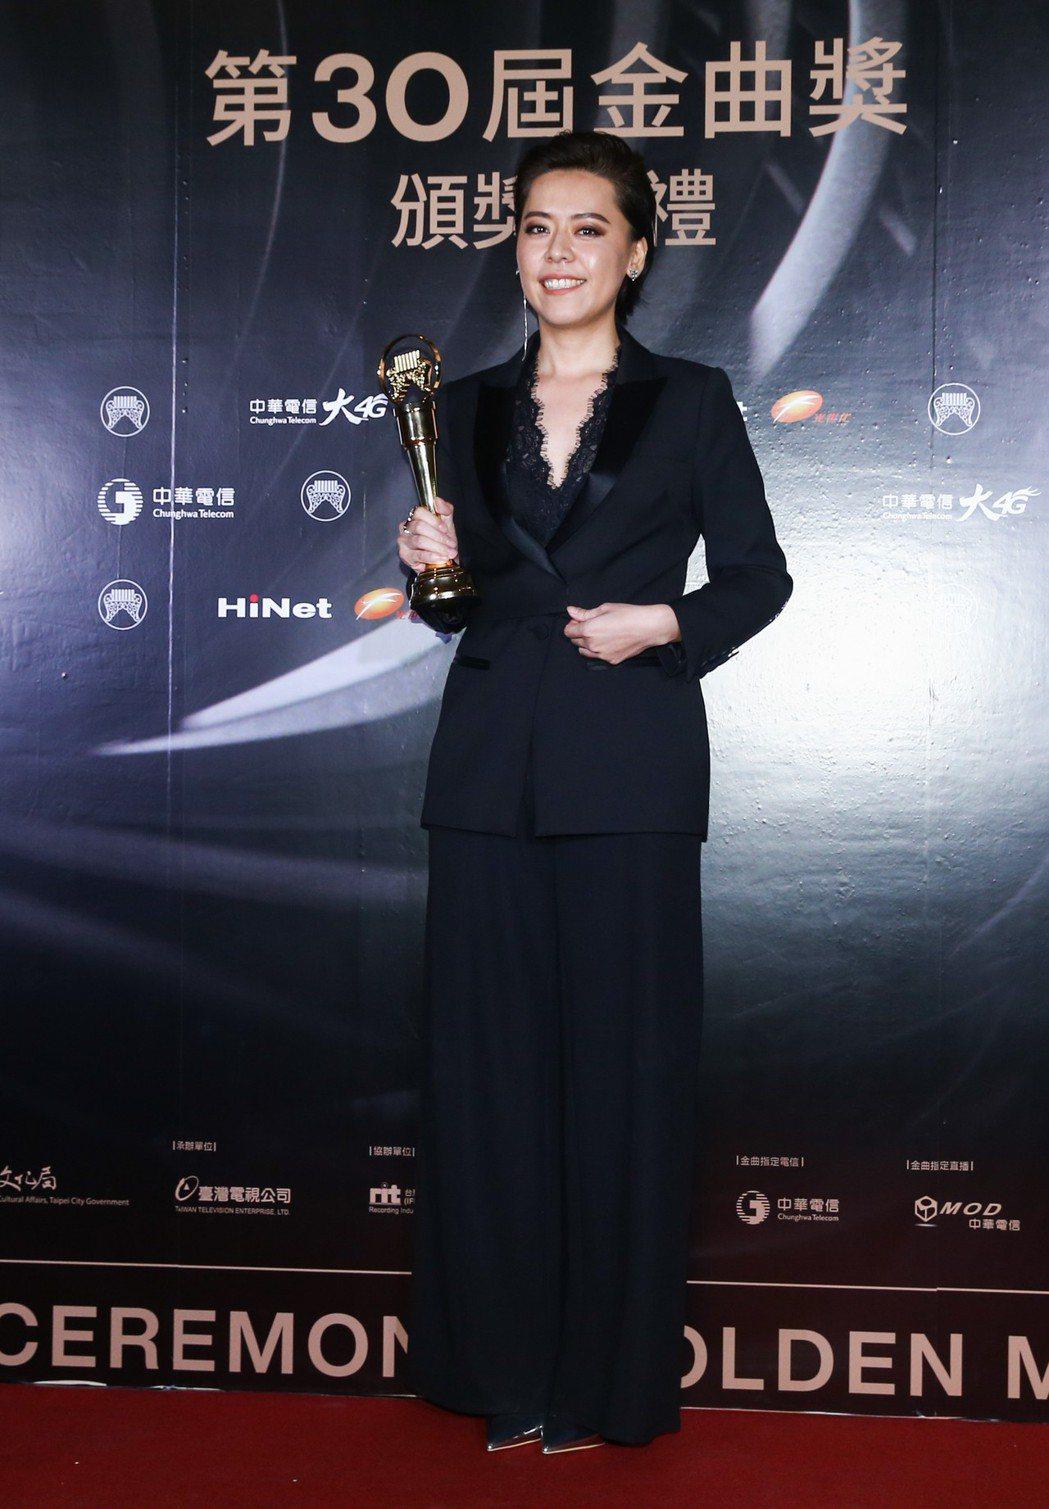 金曲獎最佳台語女歌手獎得主江惠儀。記者曾原信/攝影